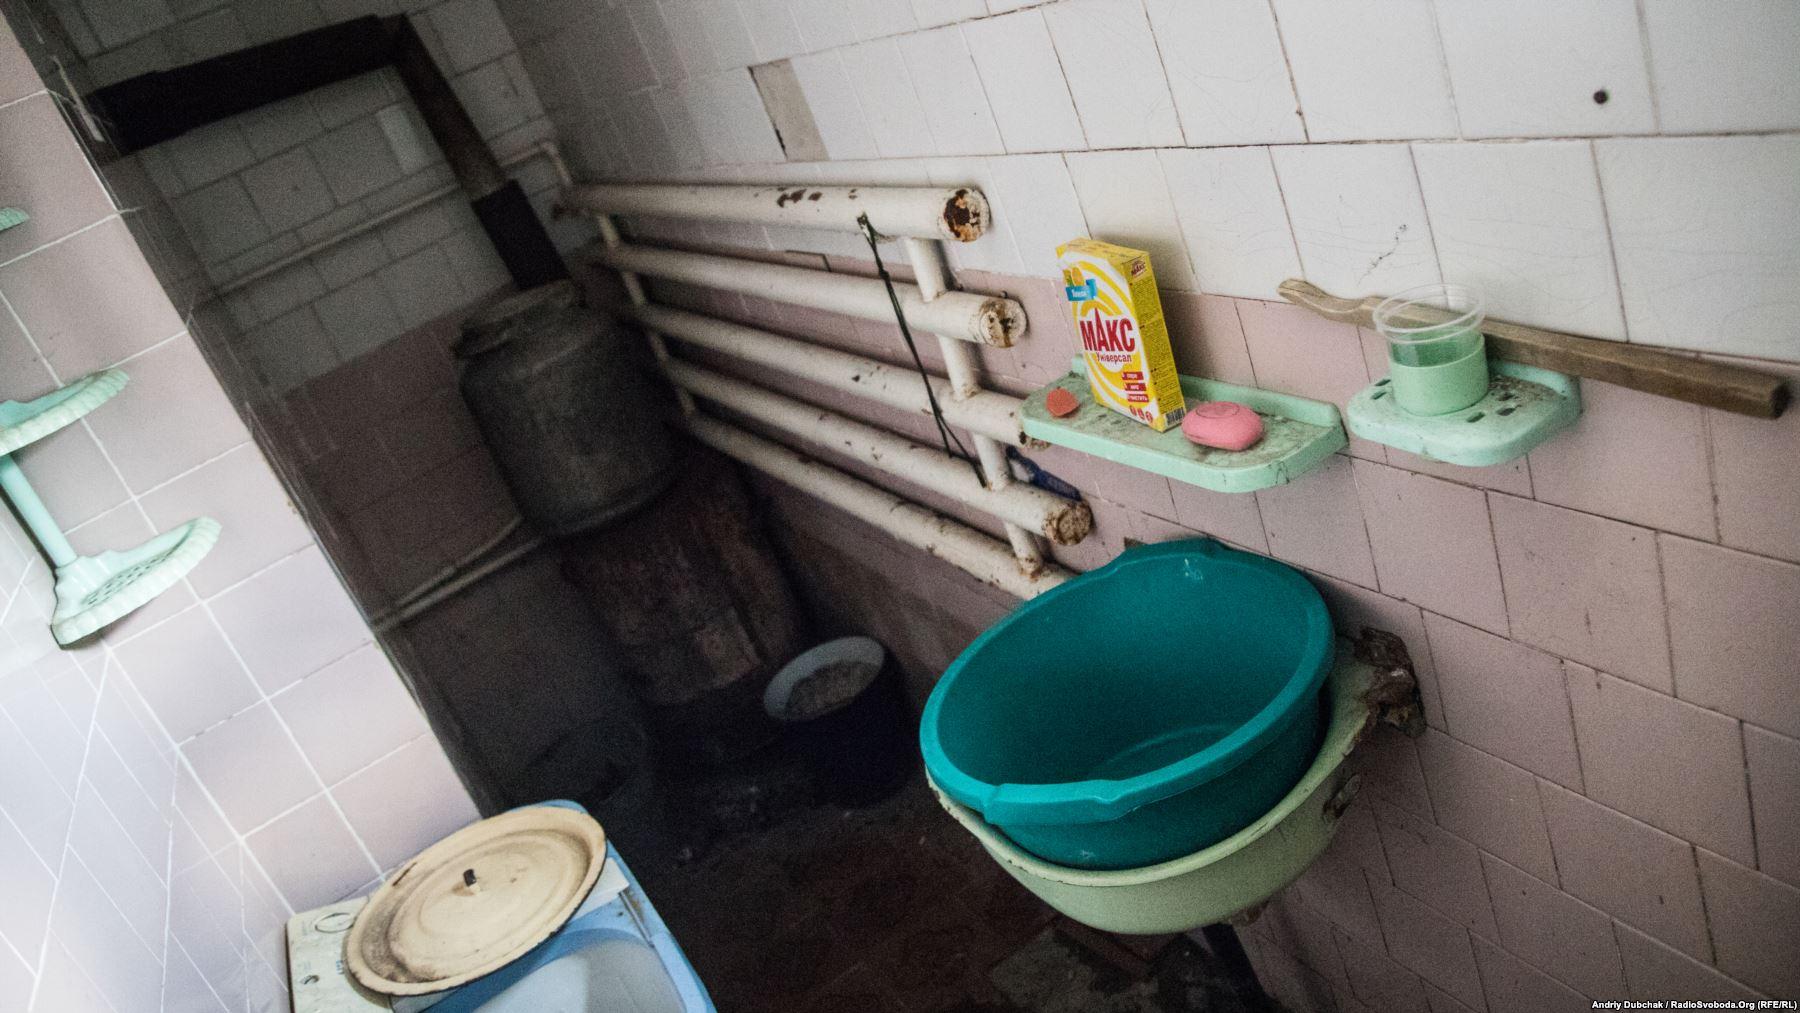 «Лазня». Аби помитися, потрібно півдня гріти бідон з водою, який стоїть ліворуч, на дров'яній буржуйці